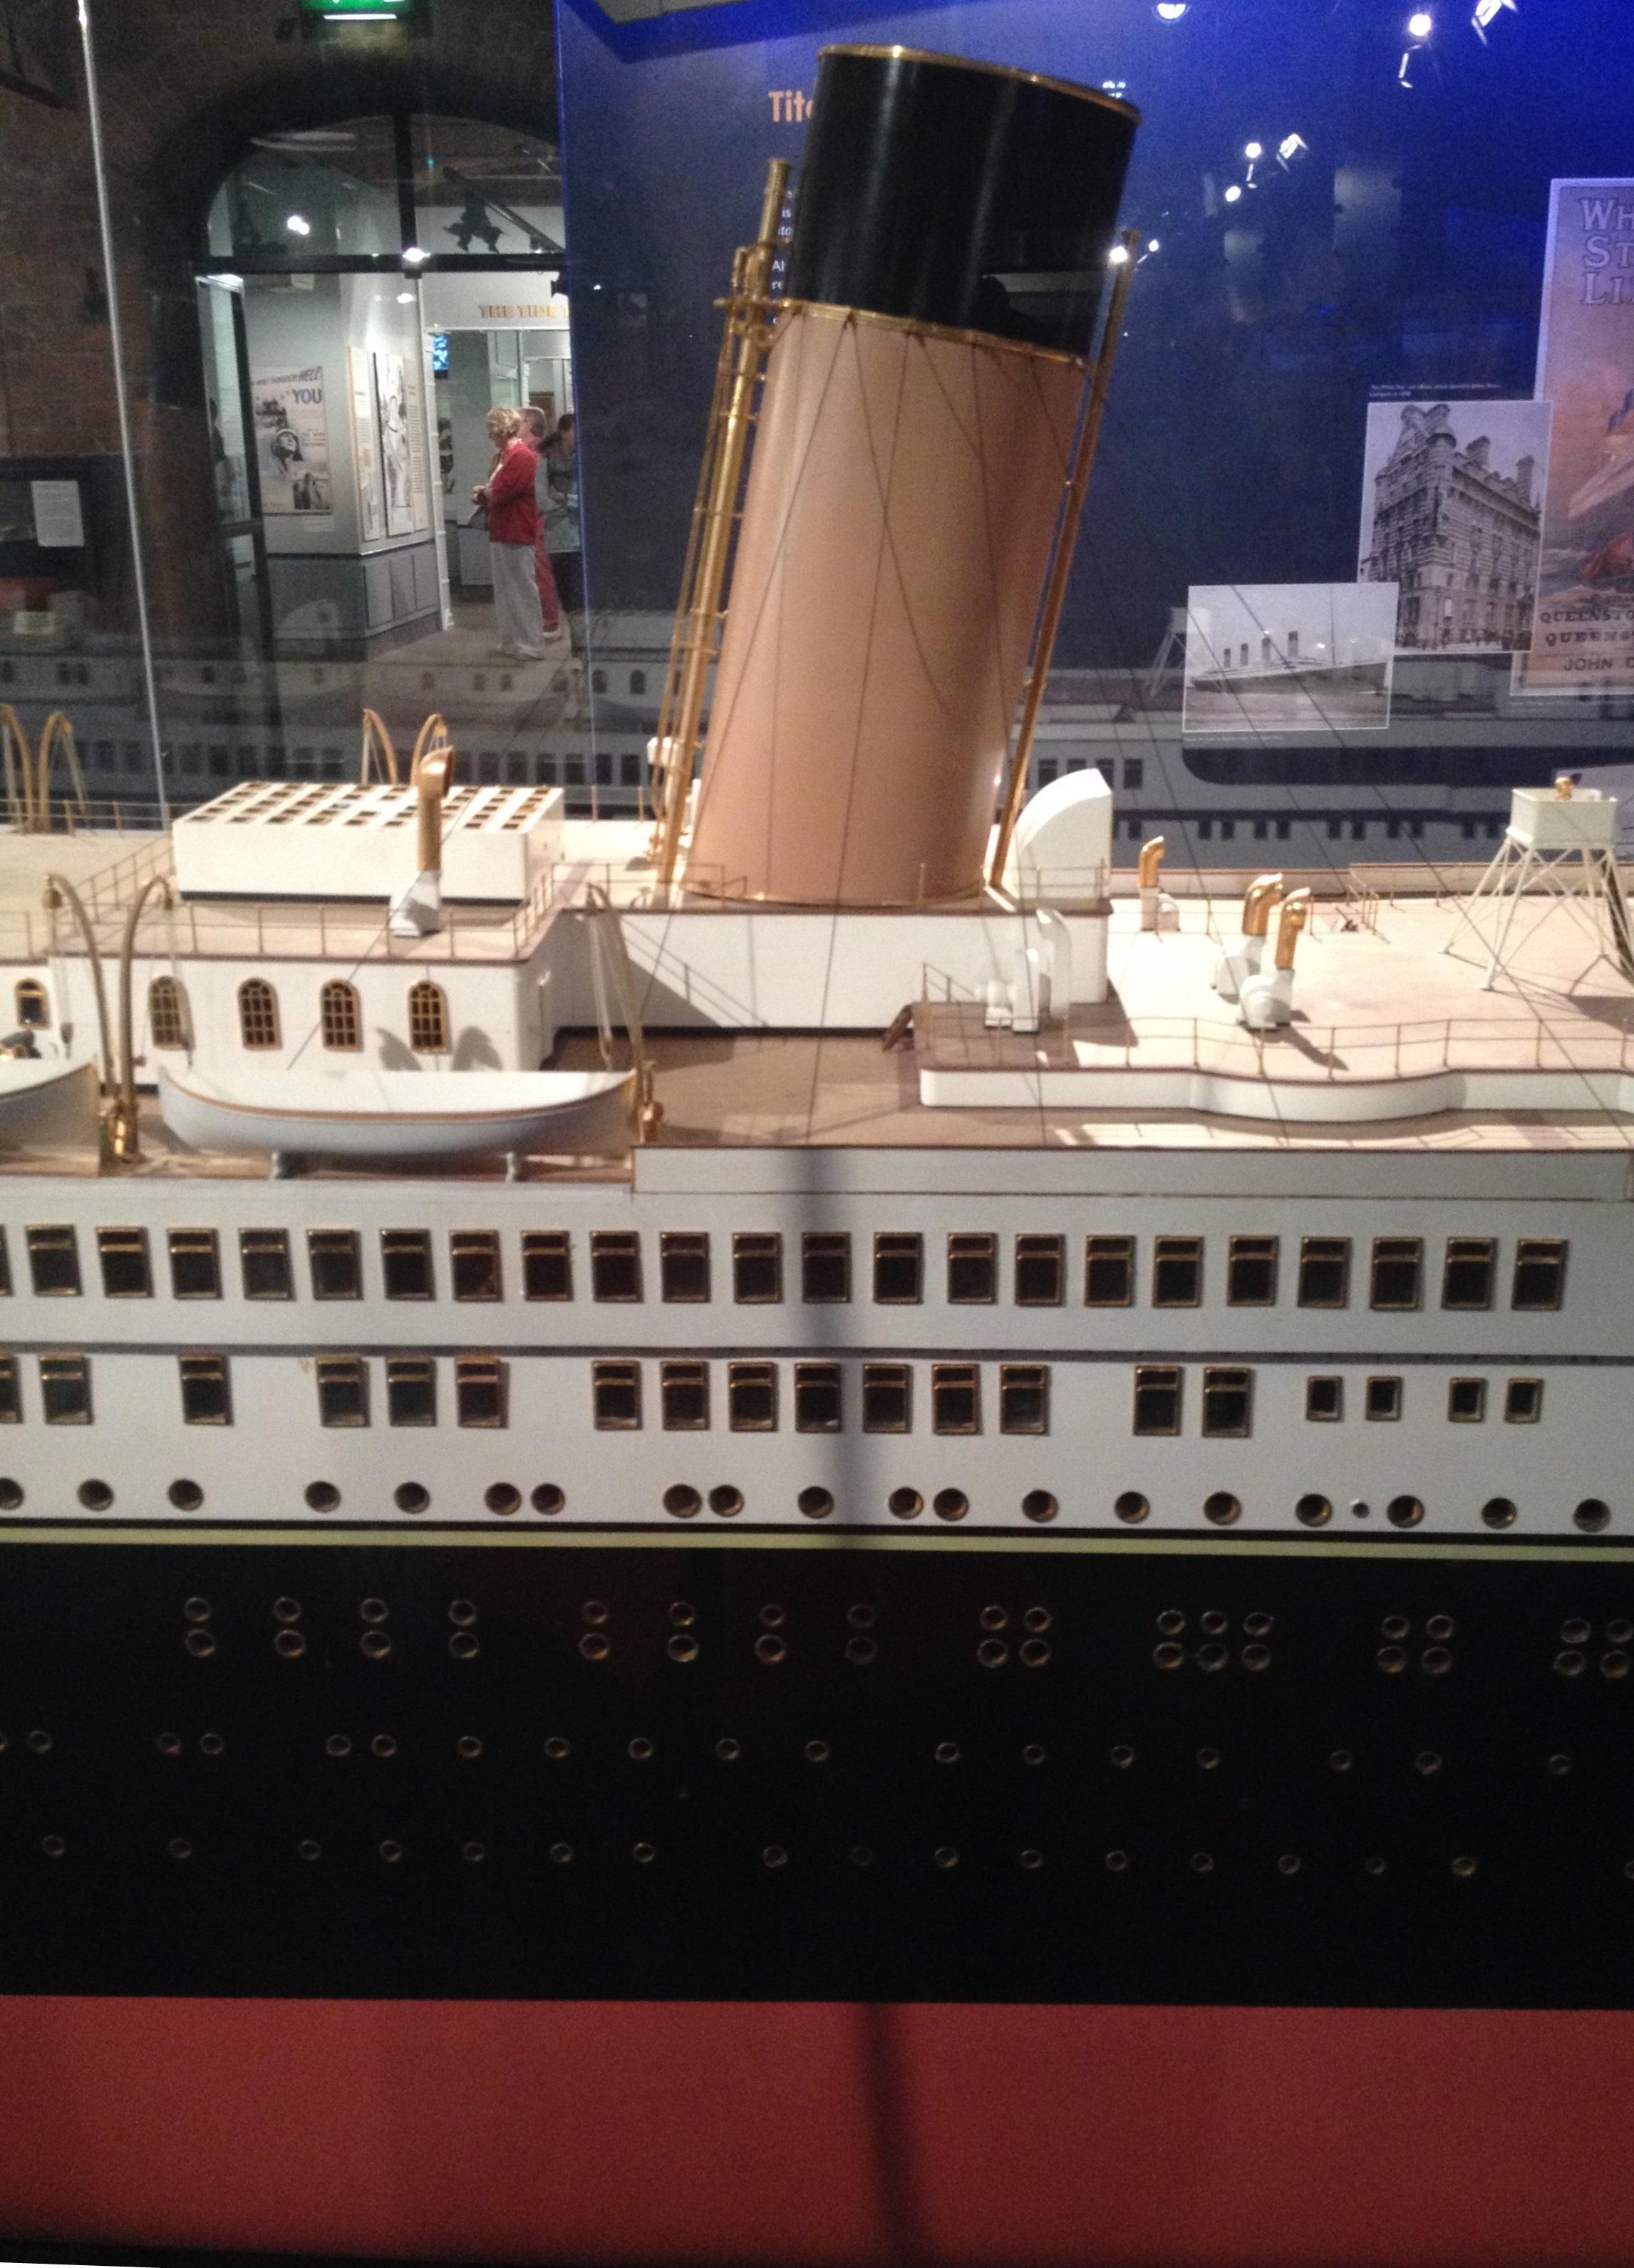 particolare ponte scialuppe salvataggio titanic